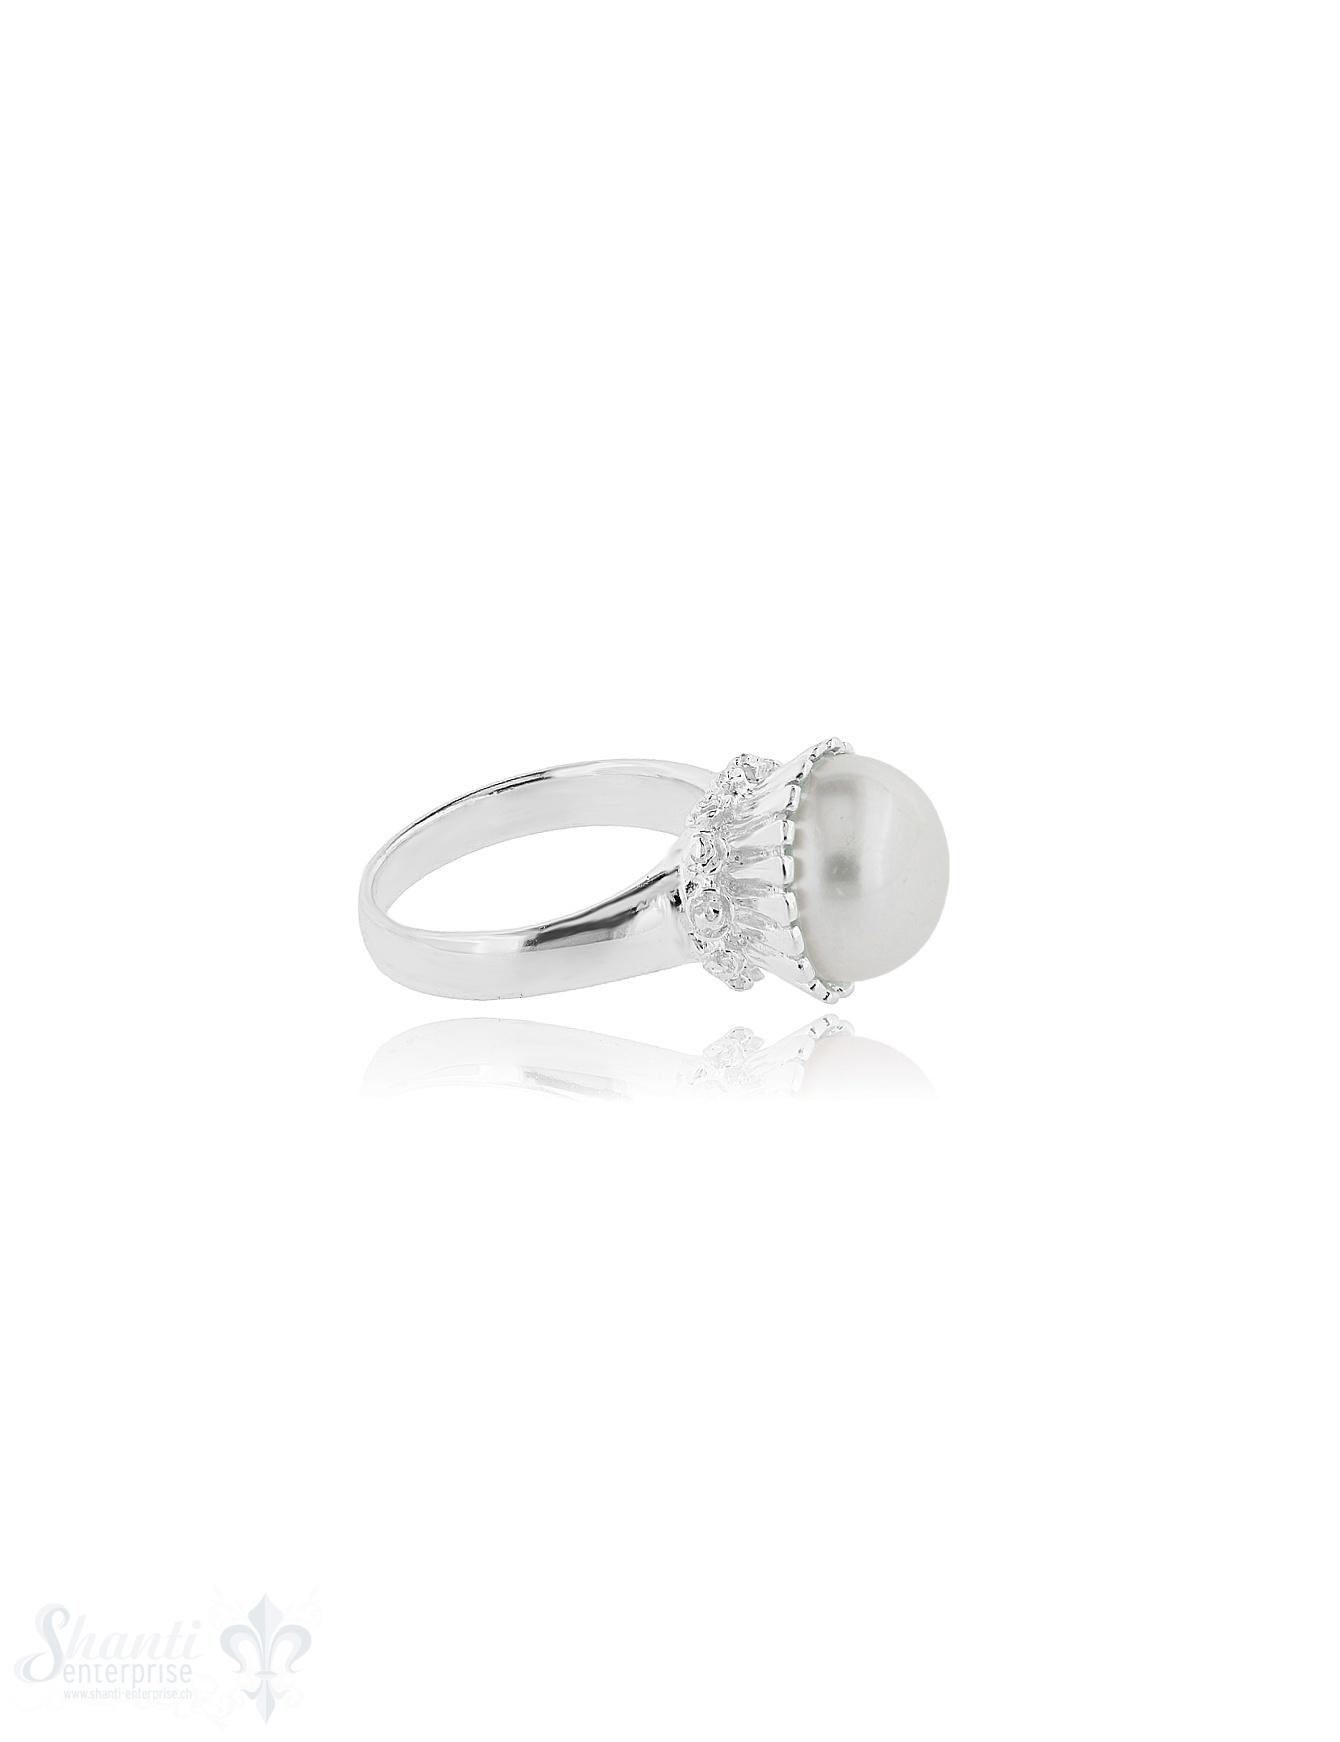 Perle weiss Silberring 12 mm Kronenfassung verziert 14 mm hoch Schiene verjüngend bis 3,5 mm Silber 925 poliert